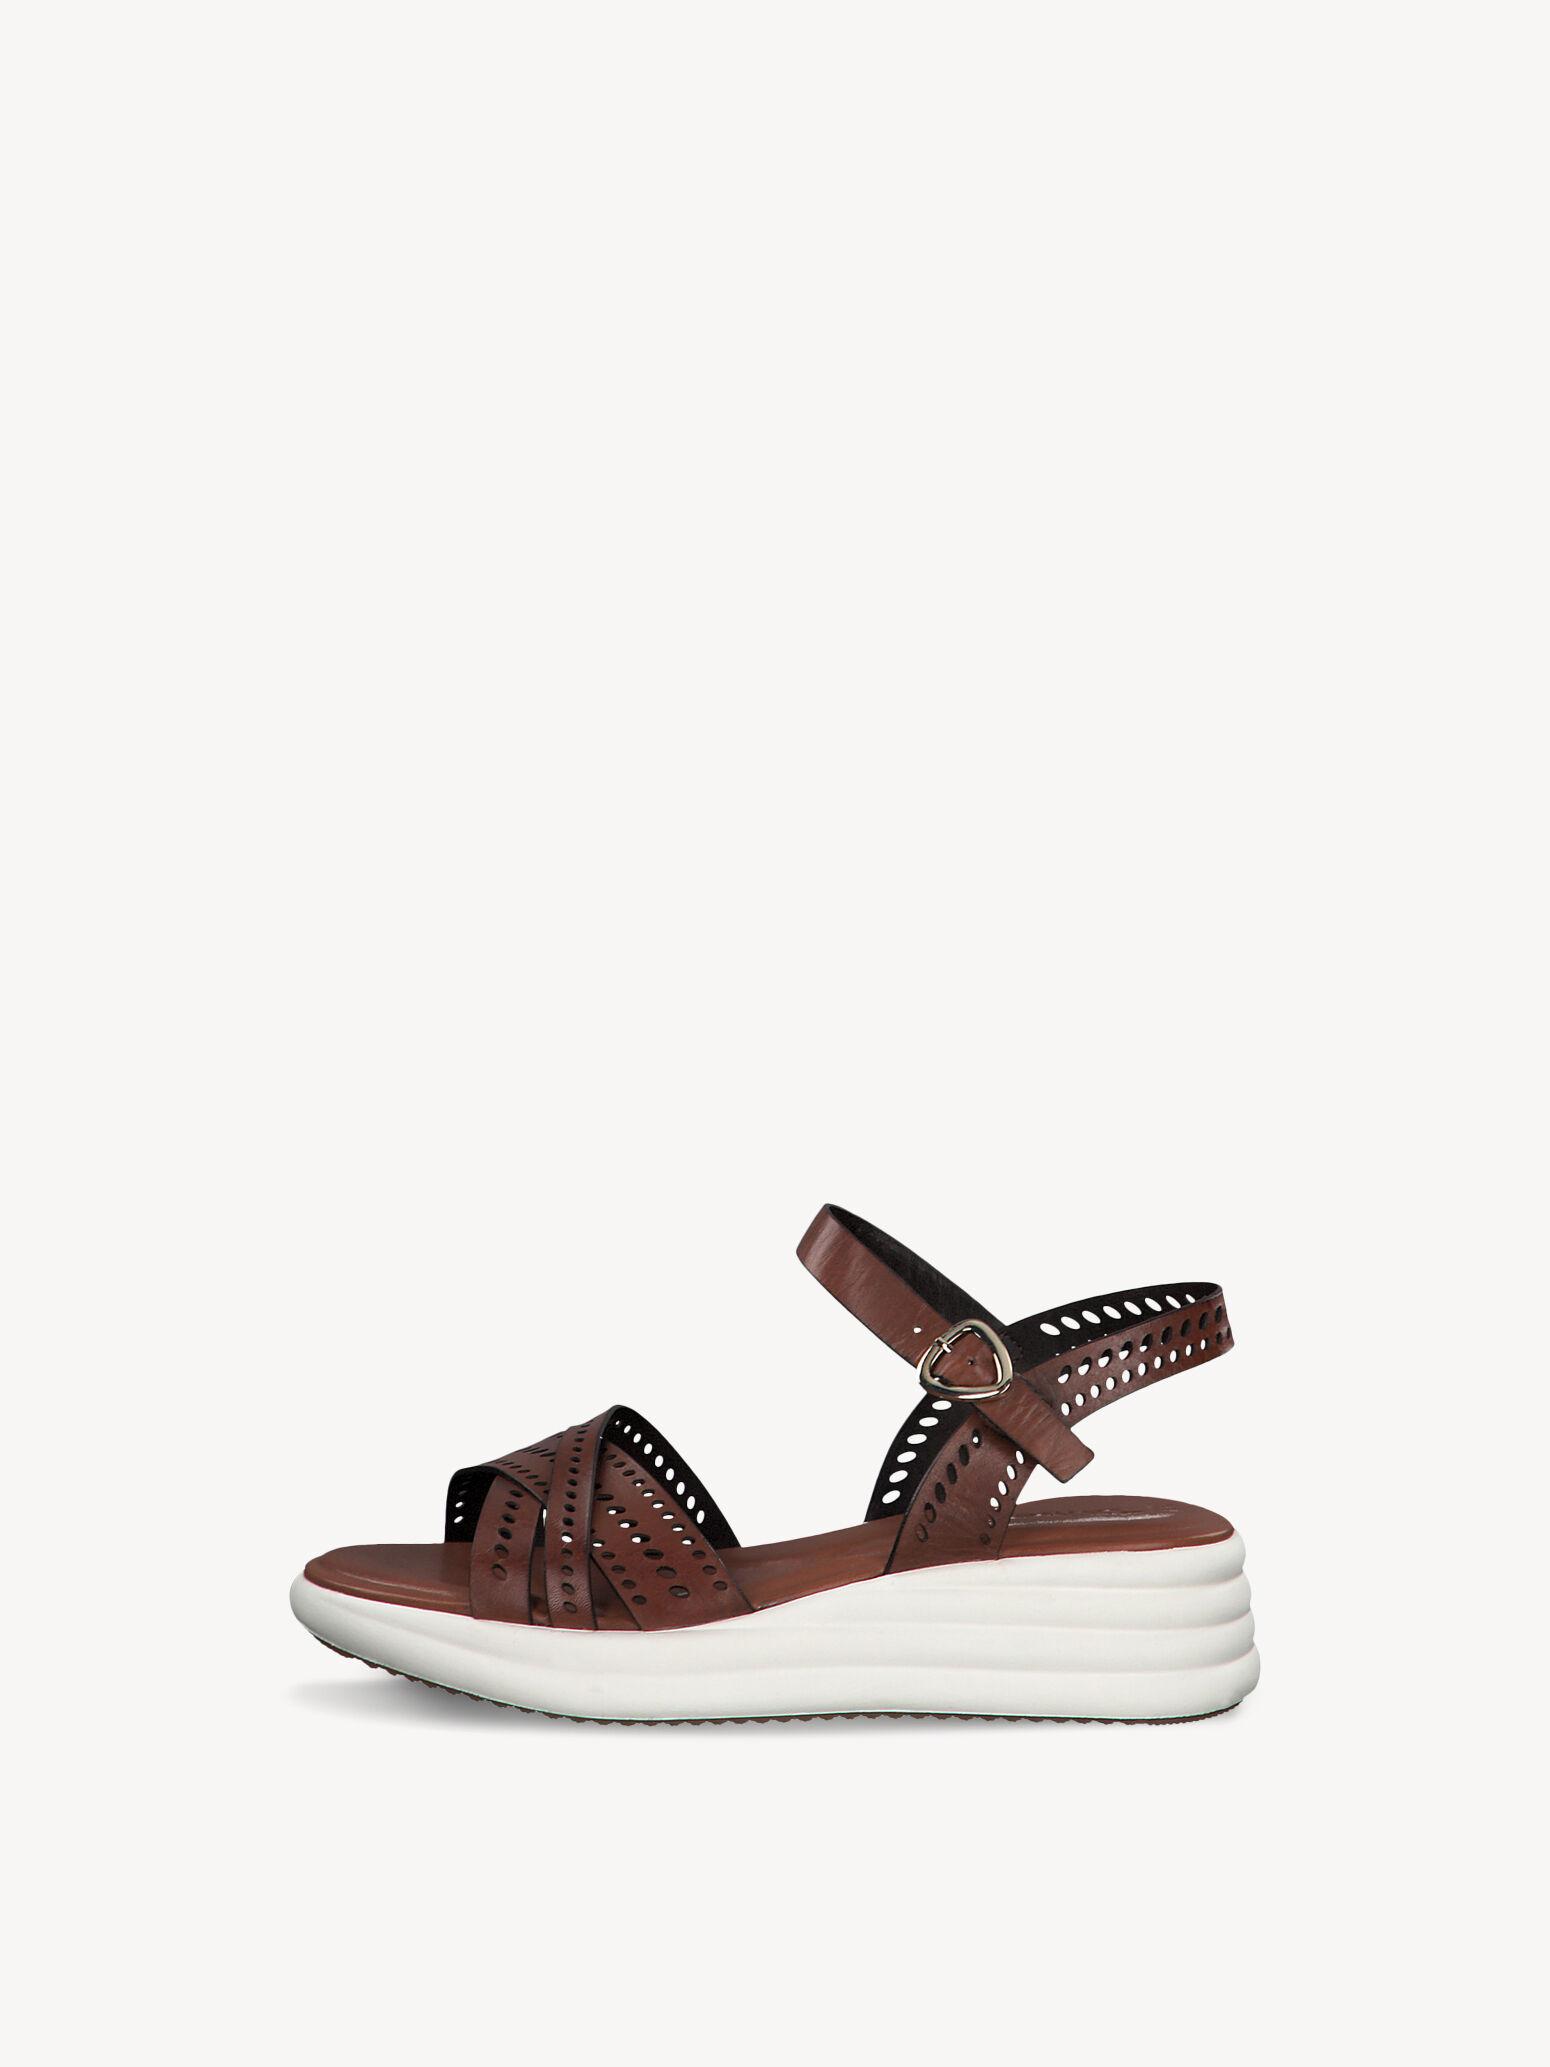 Schuhe im Sale Tamaris Damenschuhe reduziert kaufen